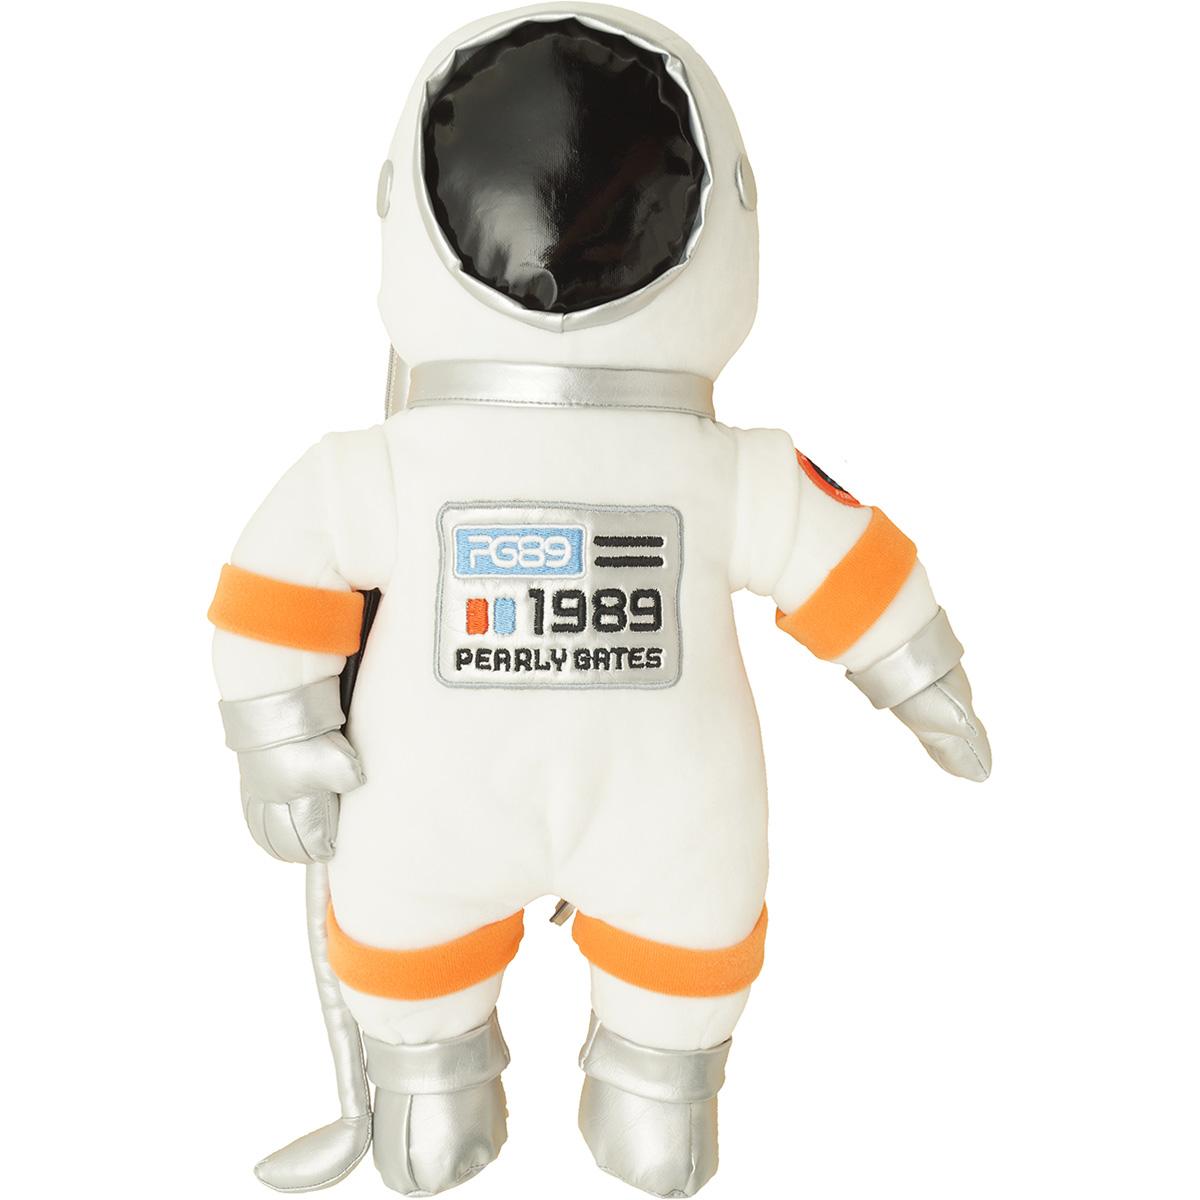 宇宙飛行士ぬいぐるみヘッドカバー FW用